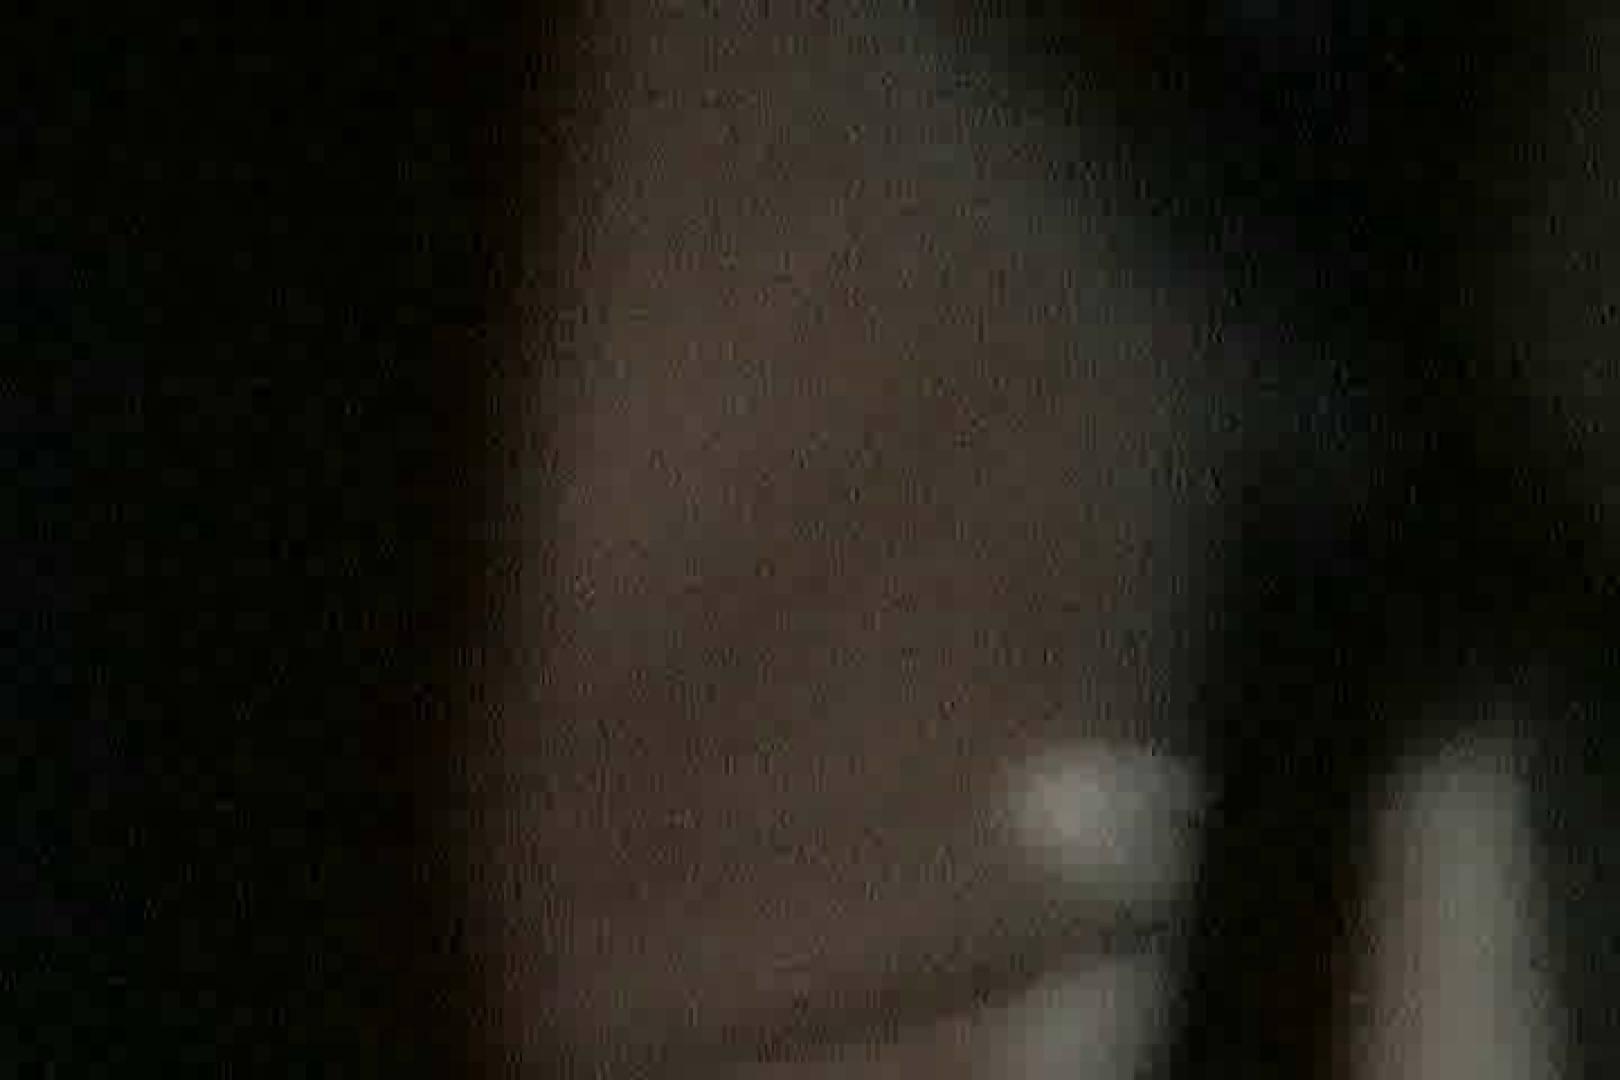 民家の騎士さんの最後の性戦Vol.1 美女OL   民家でお風呂  84連発 7